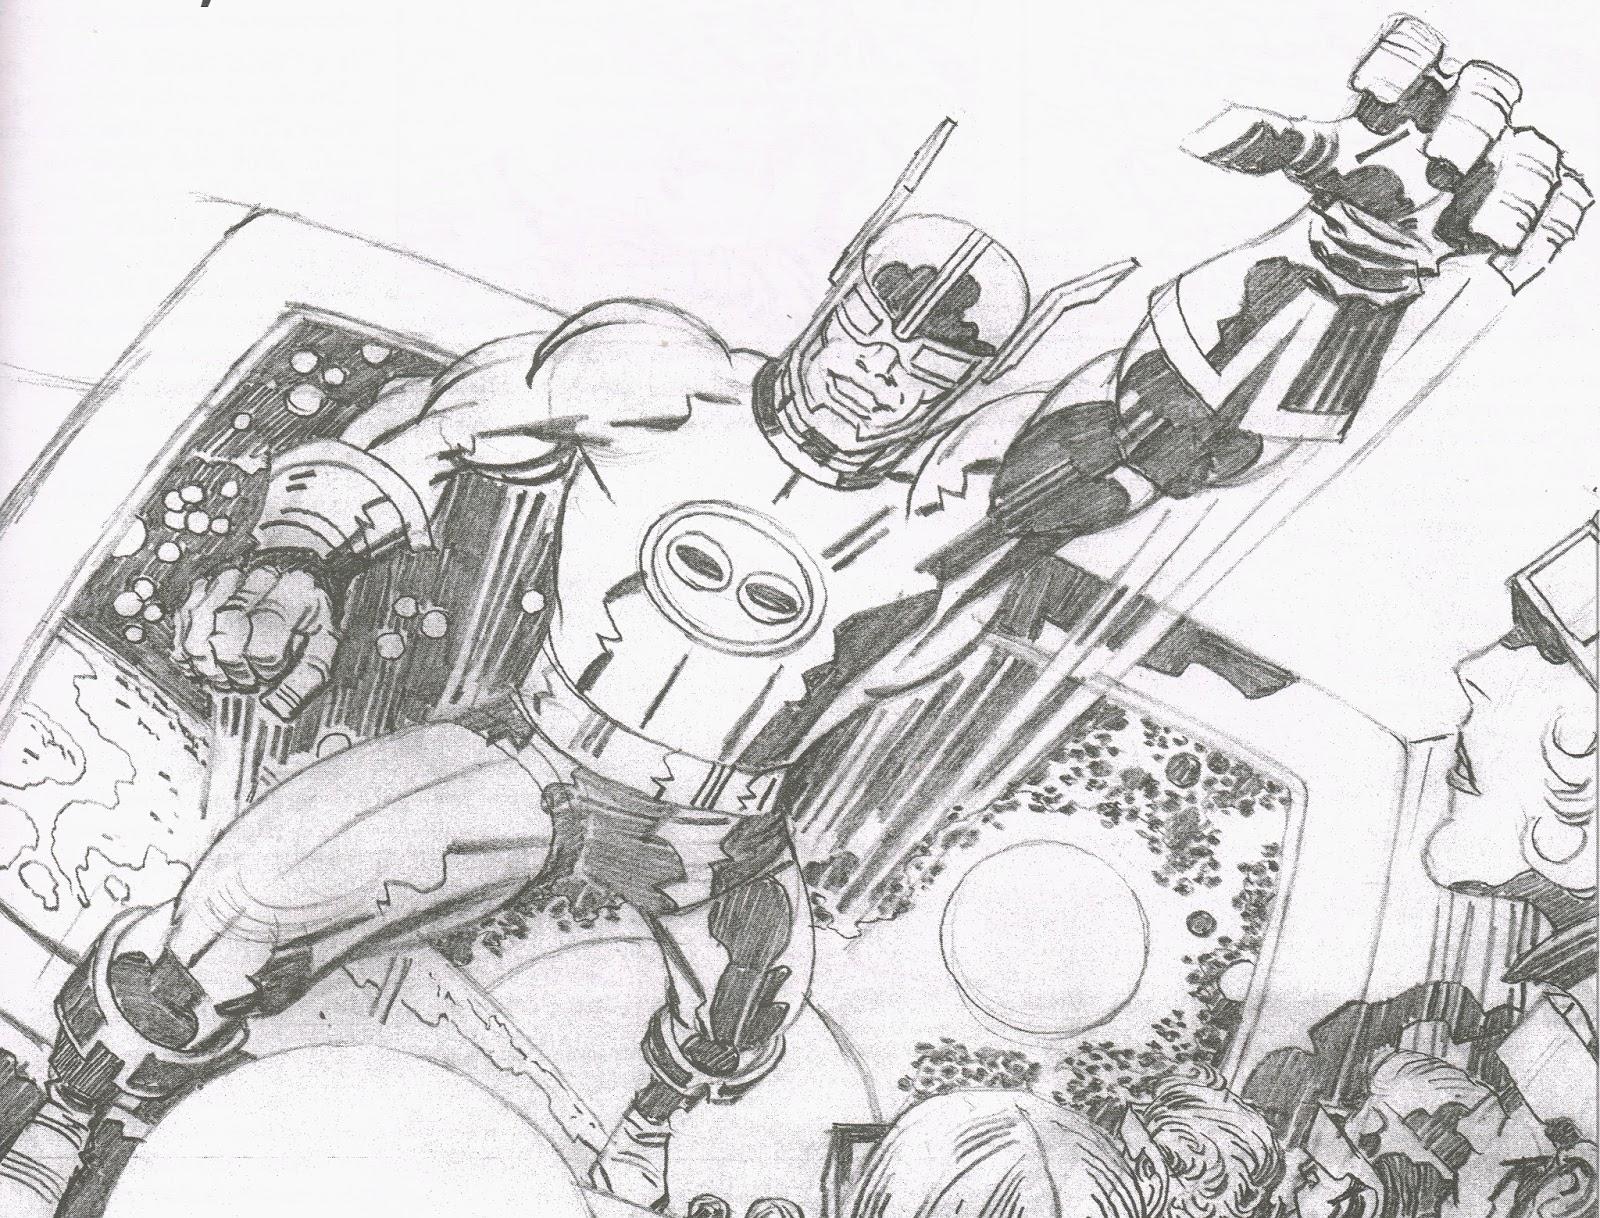 Cap'n's Comics: Cap'n 3-D by Jack Kirby